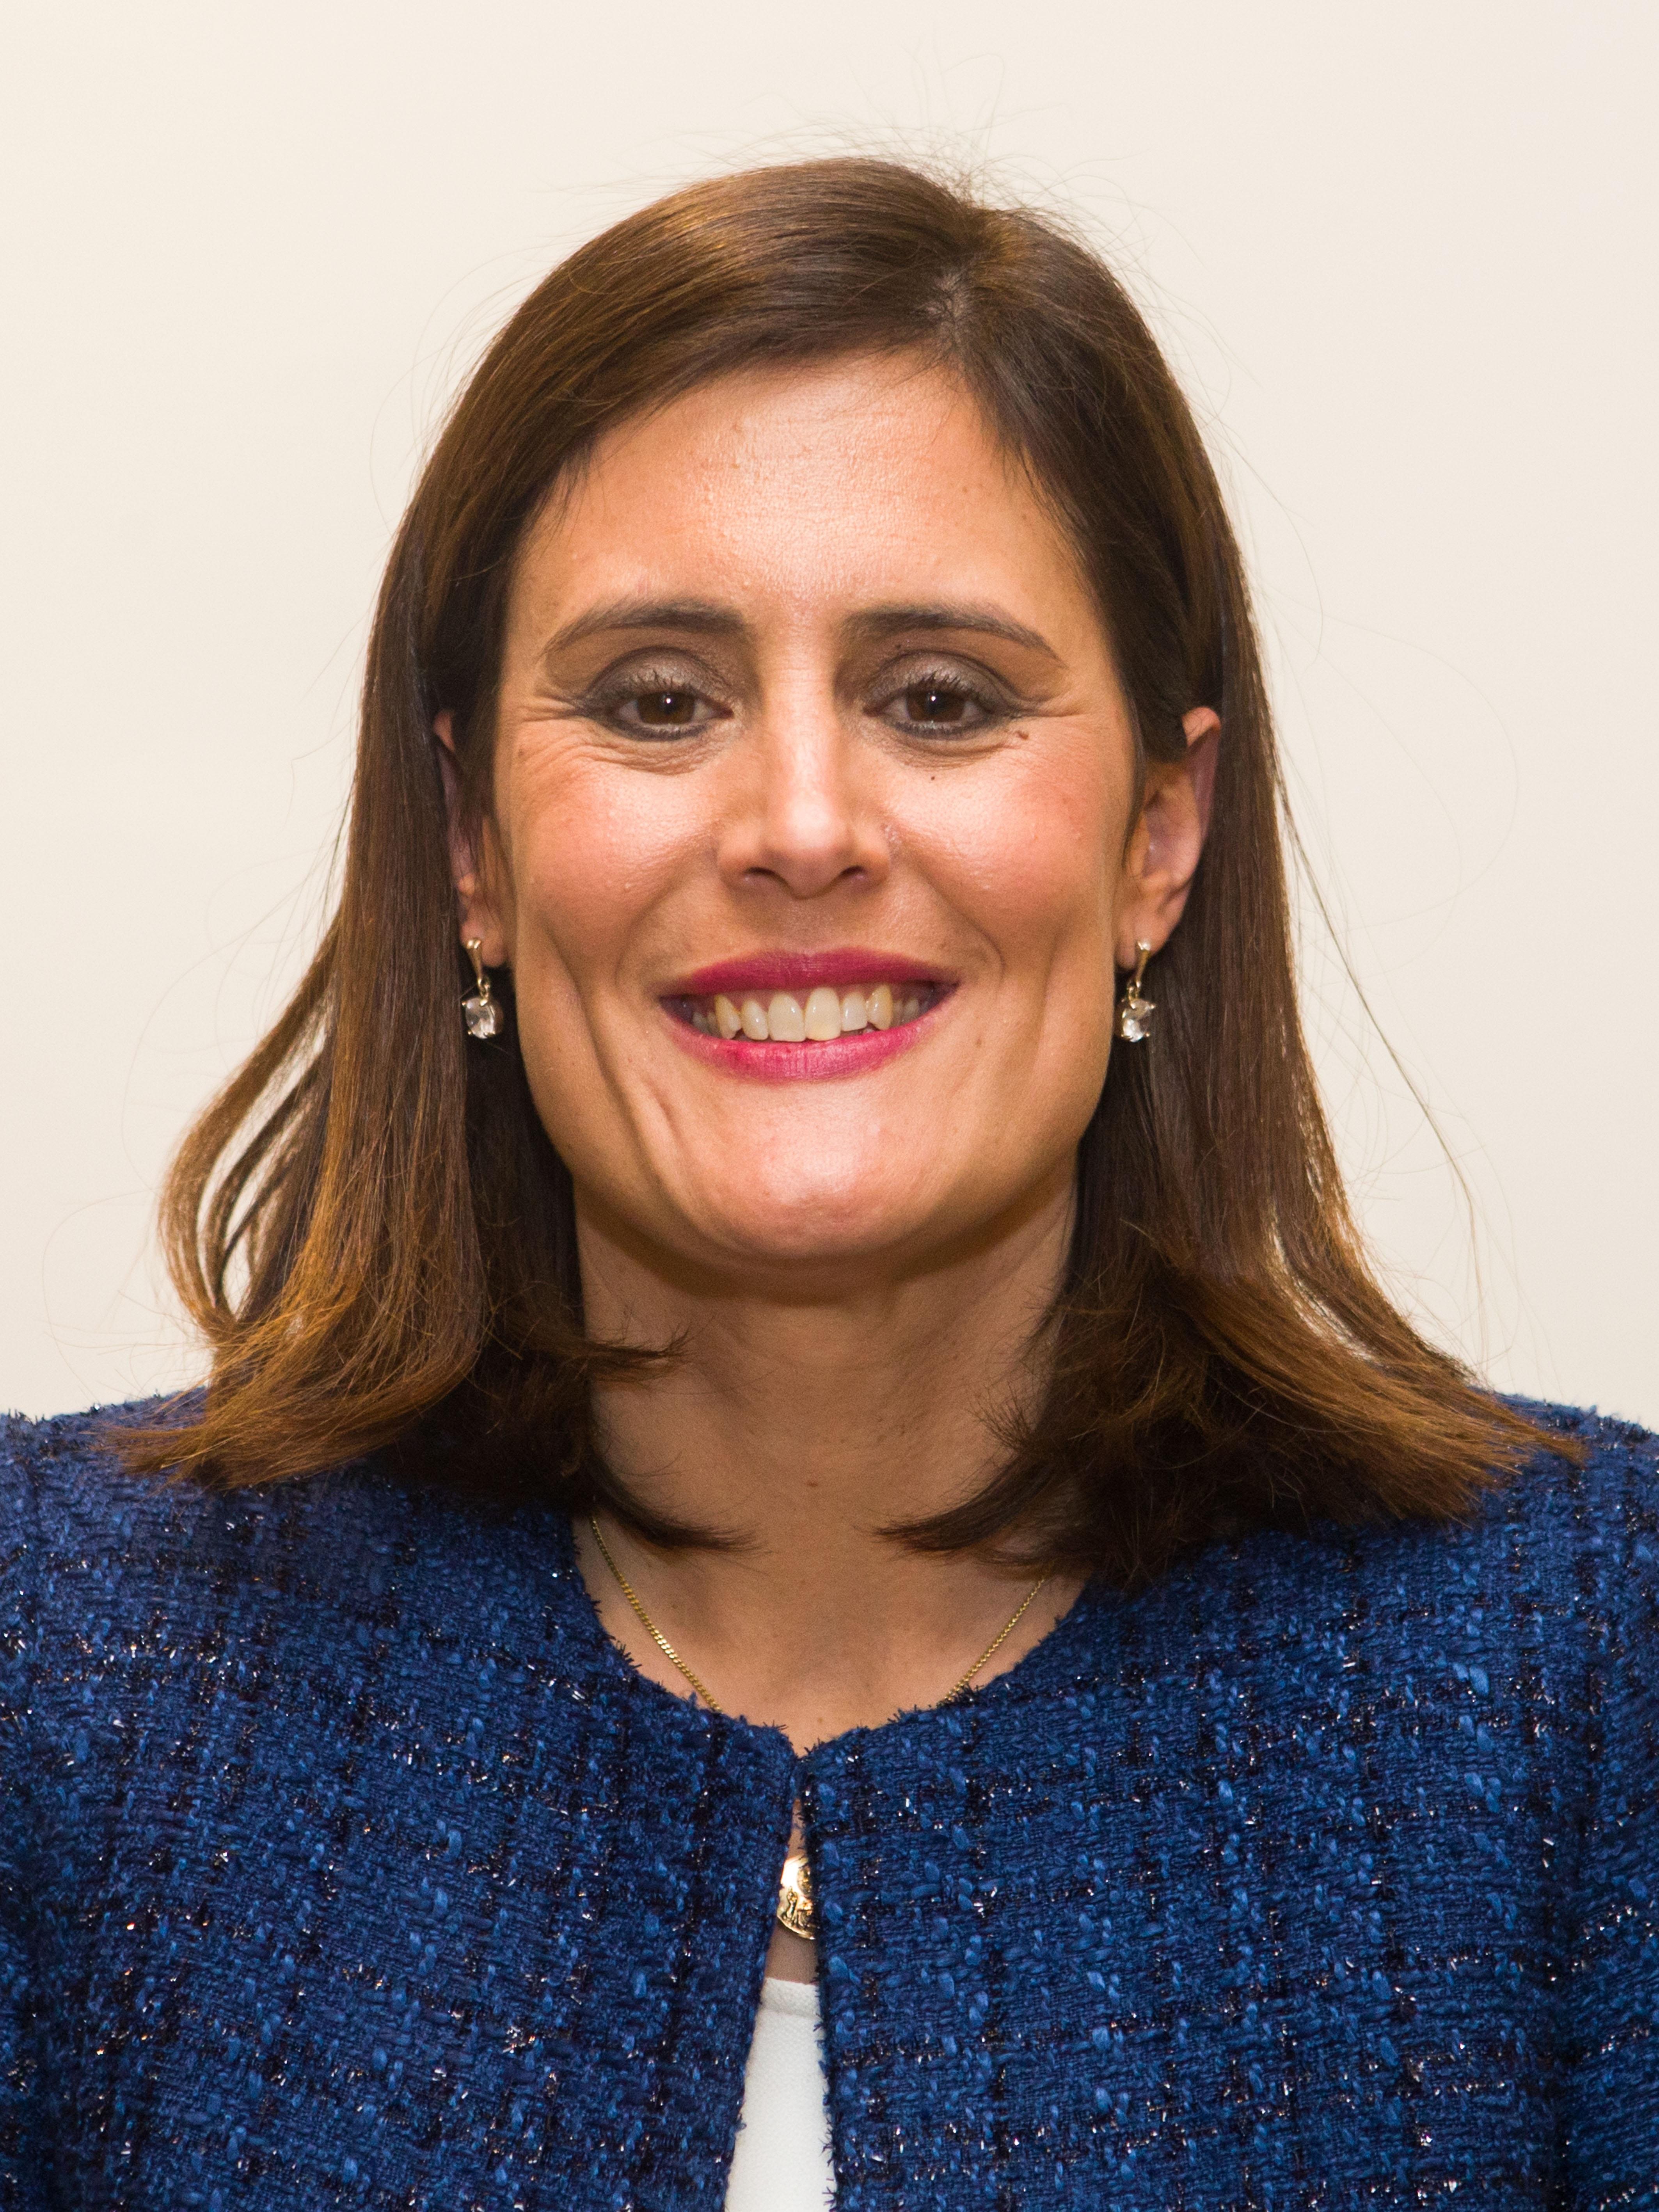 Fotografía de PIERNAGORDA ALBAÑIL, CRISTINA